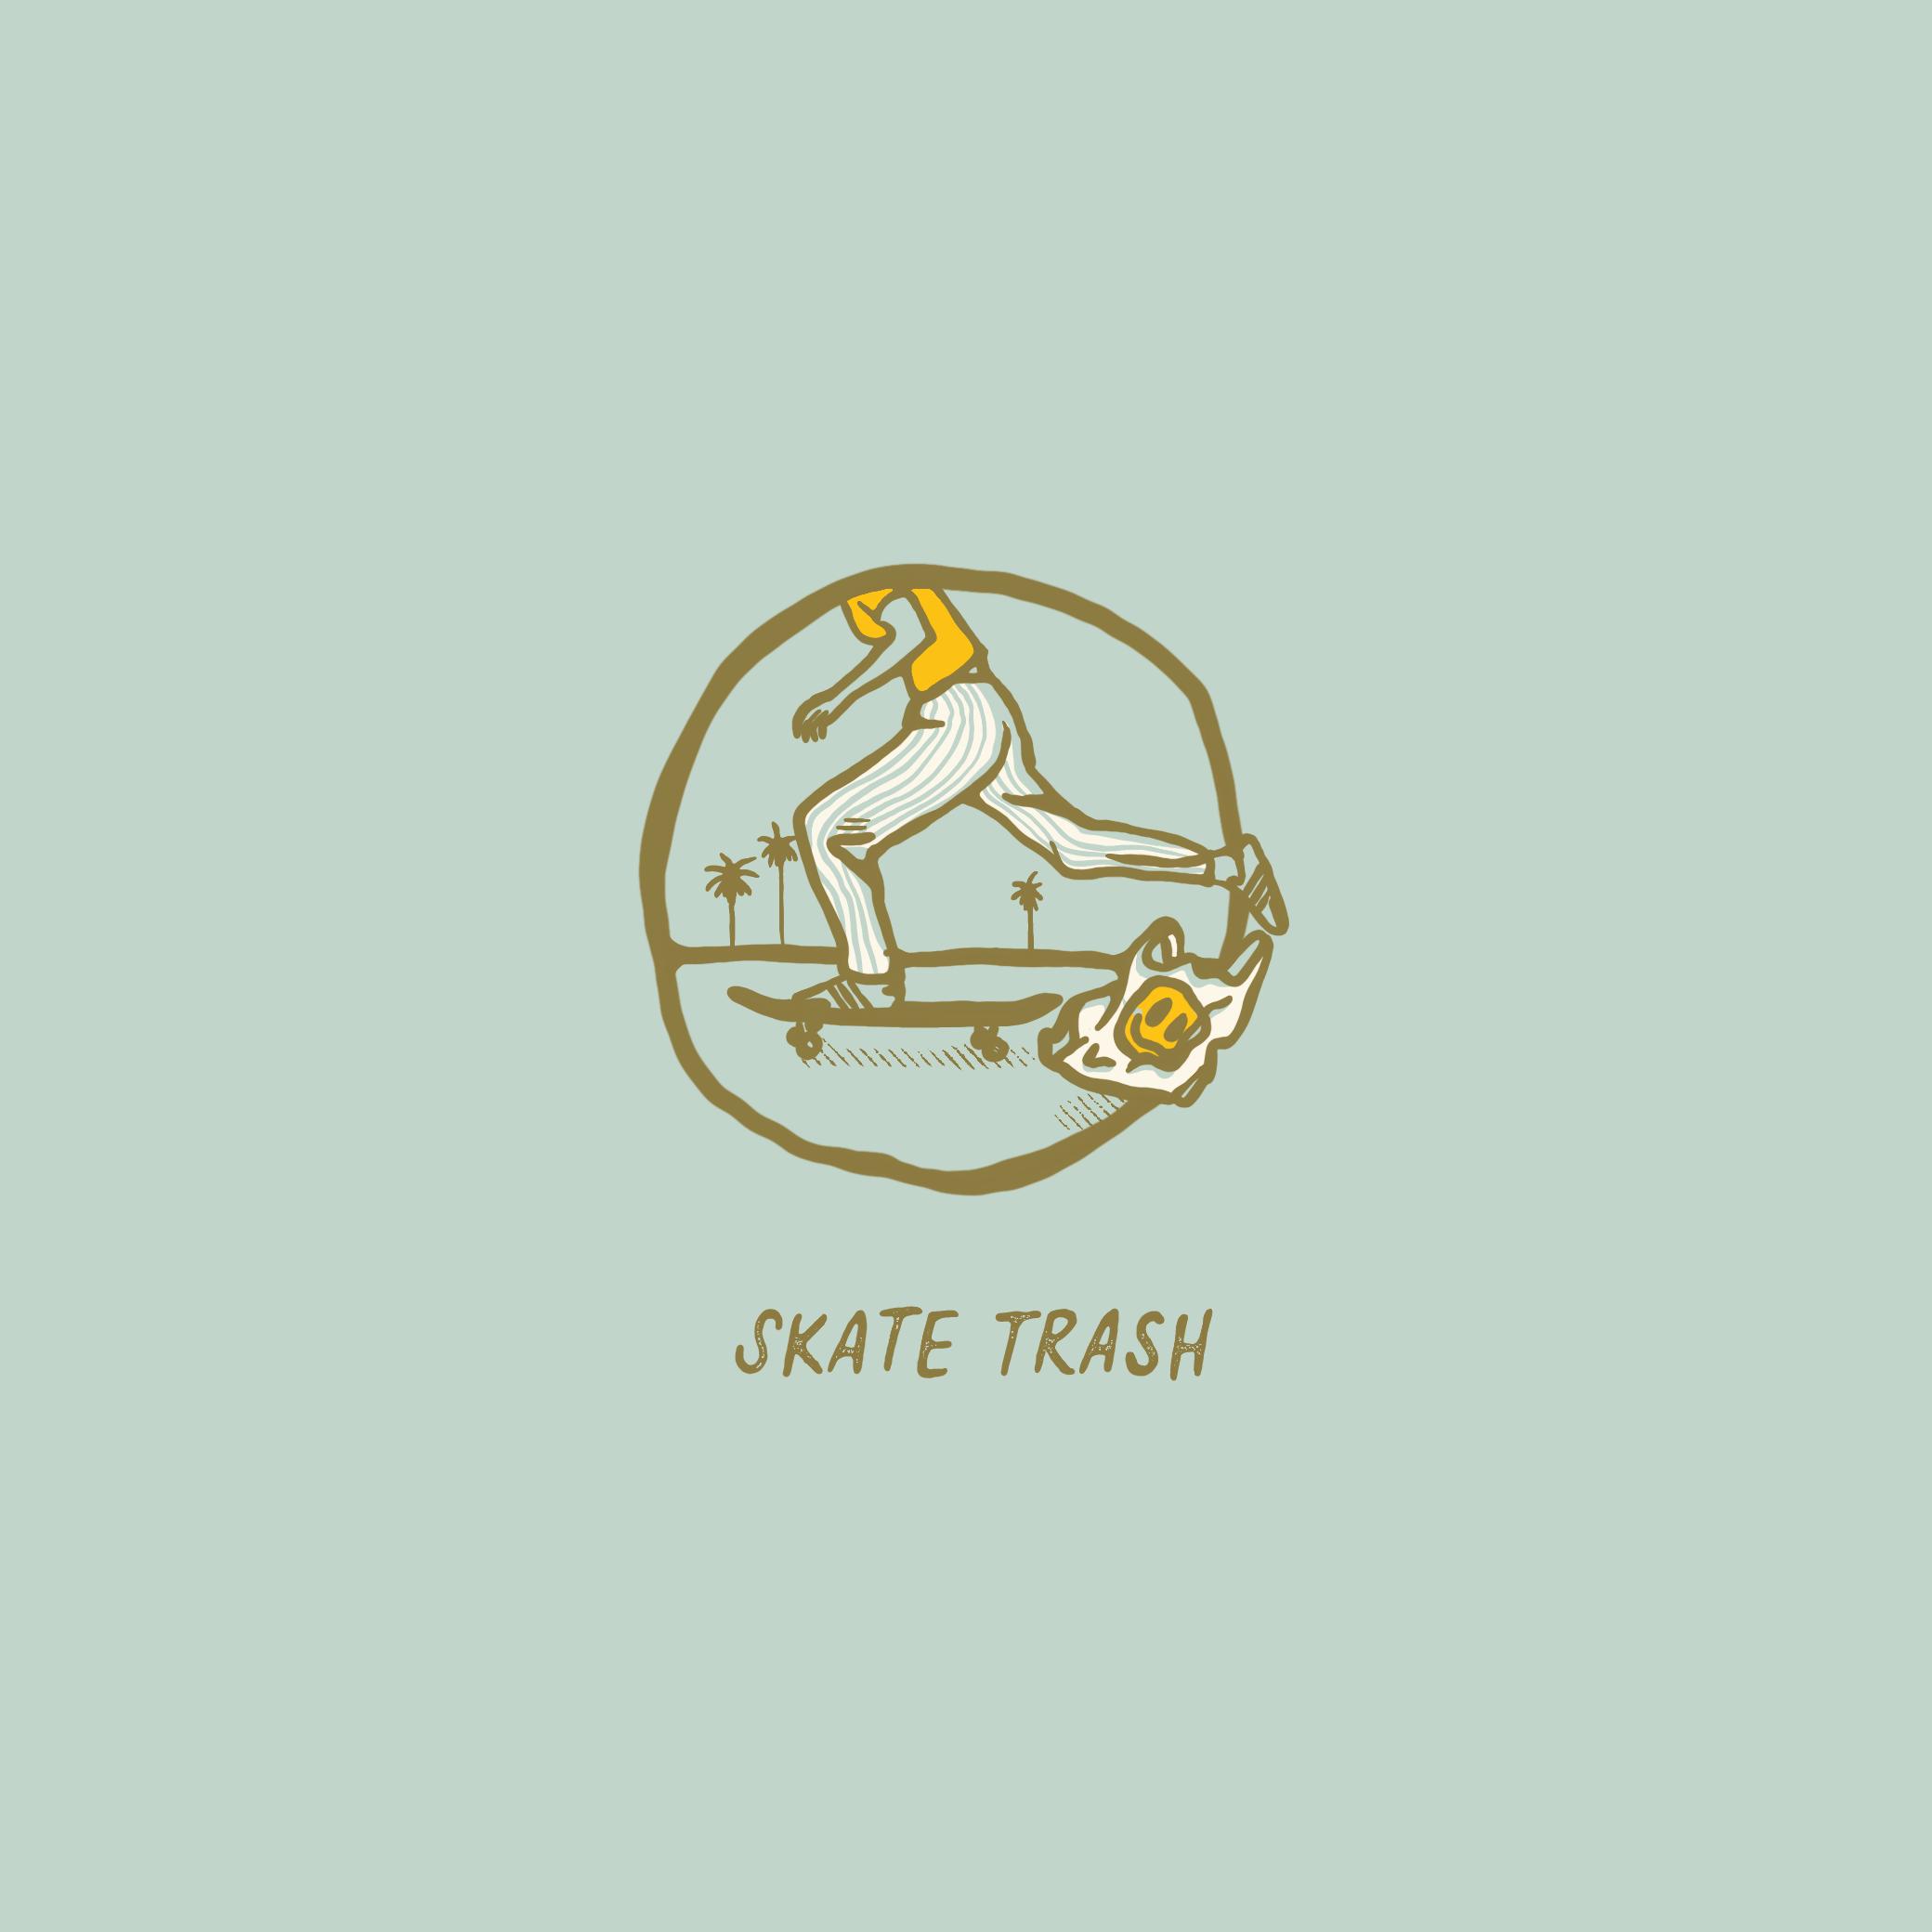 SydneyTomer-Skate Trash.PNG